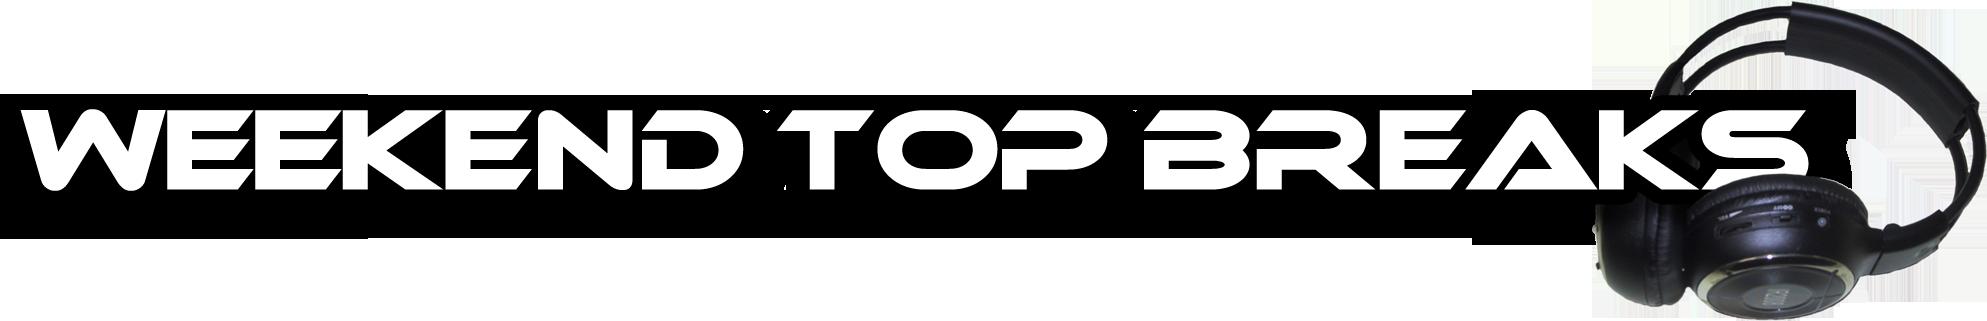 Weekend Top Breaks (29/10/2010 – 31/10/2010)